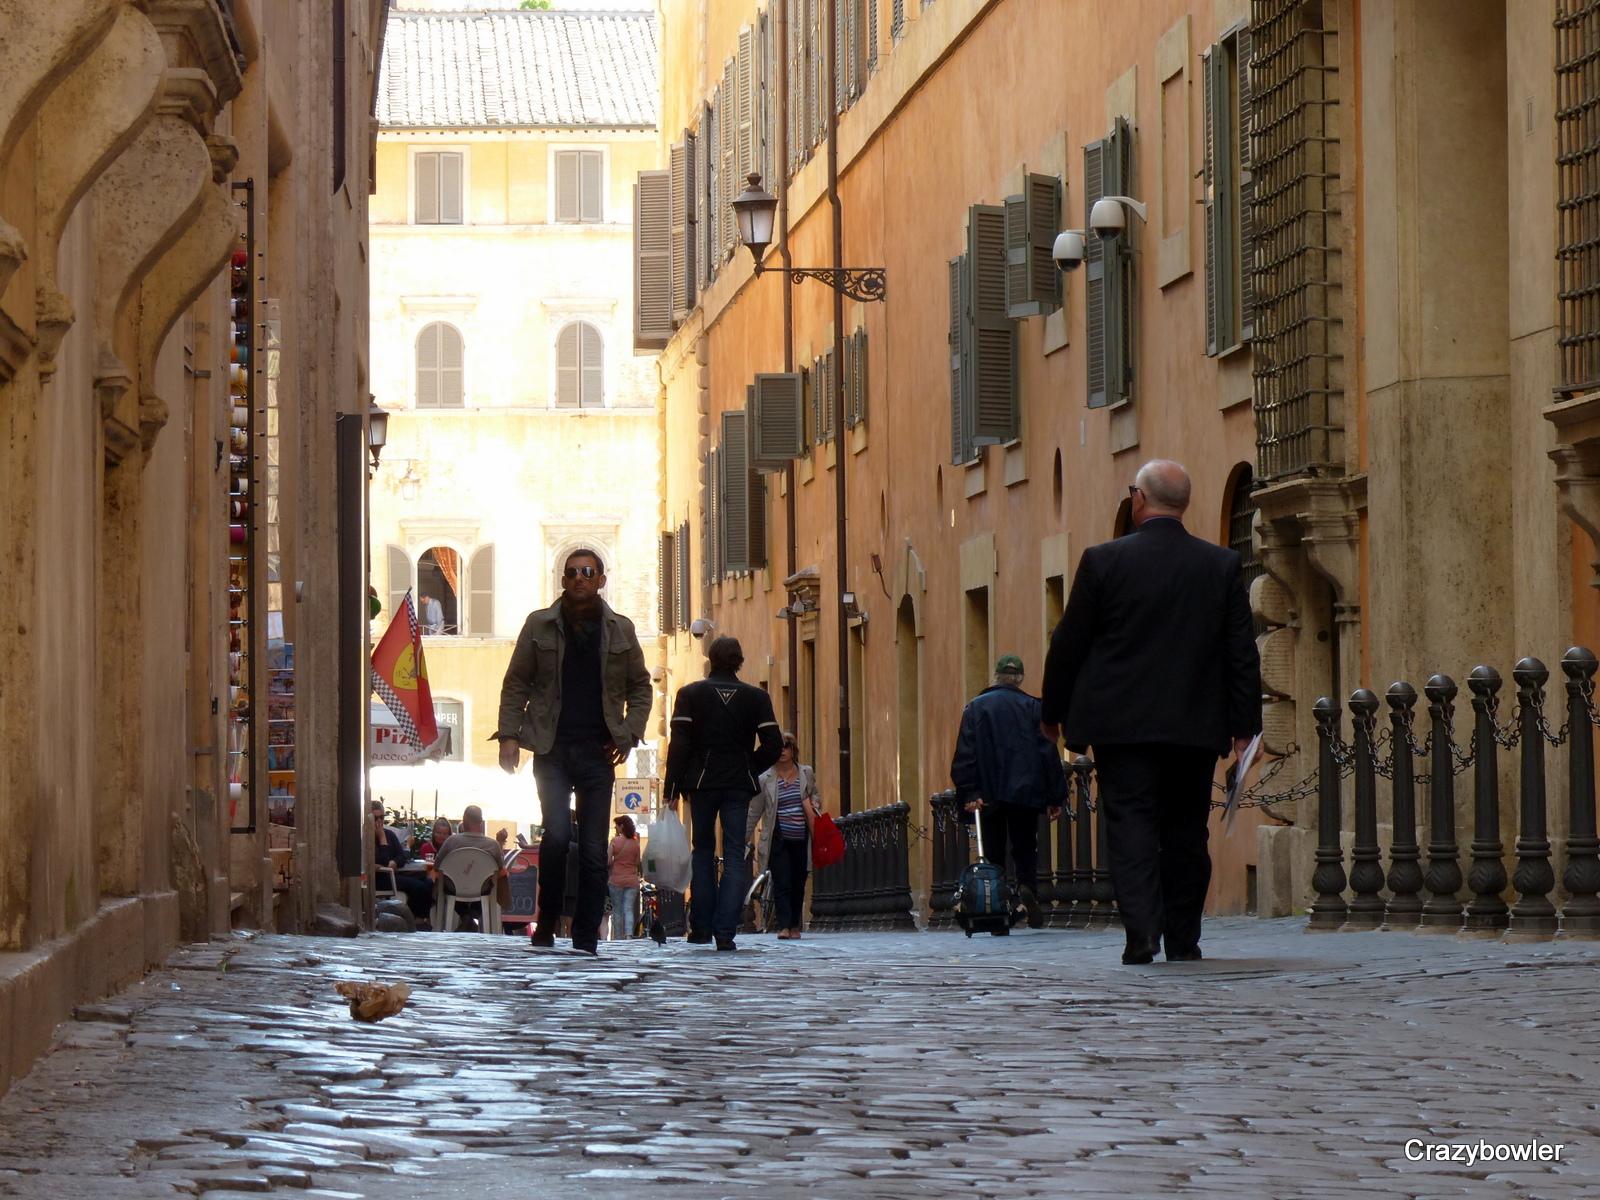 ジュスティニアーニ通り(Via Giustiniani)の光景